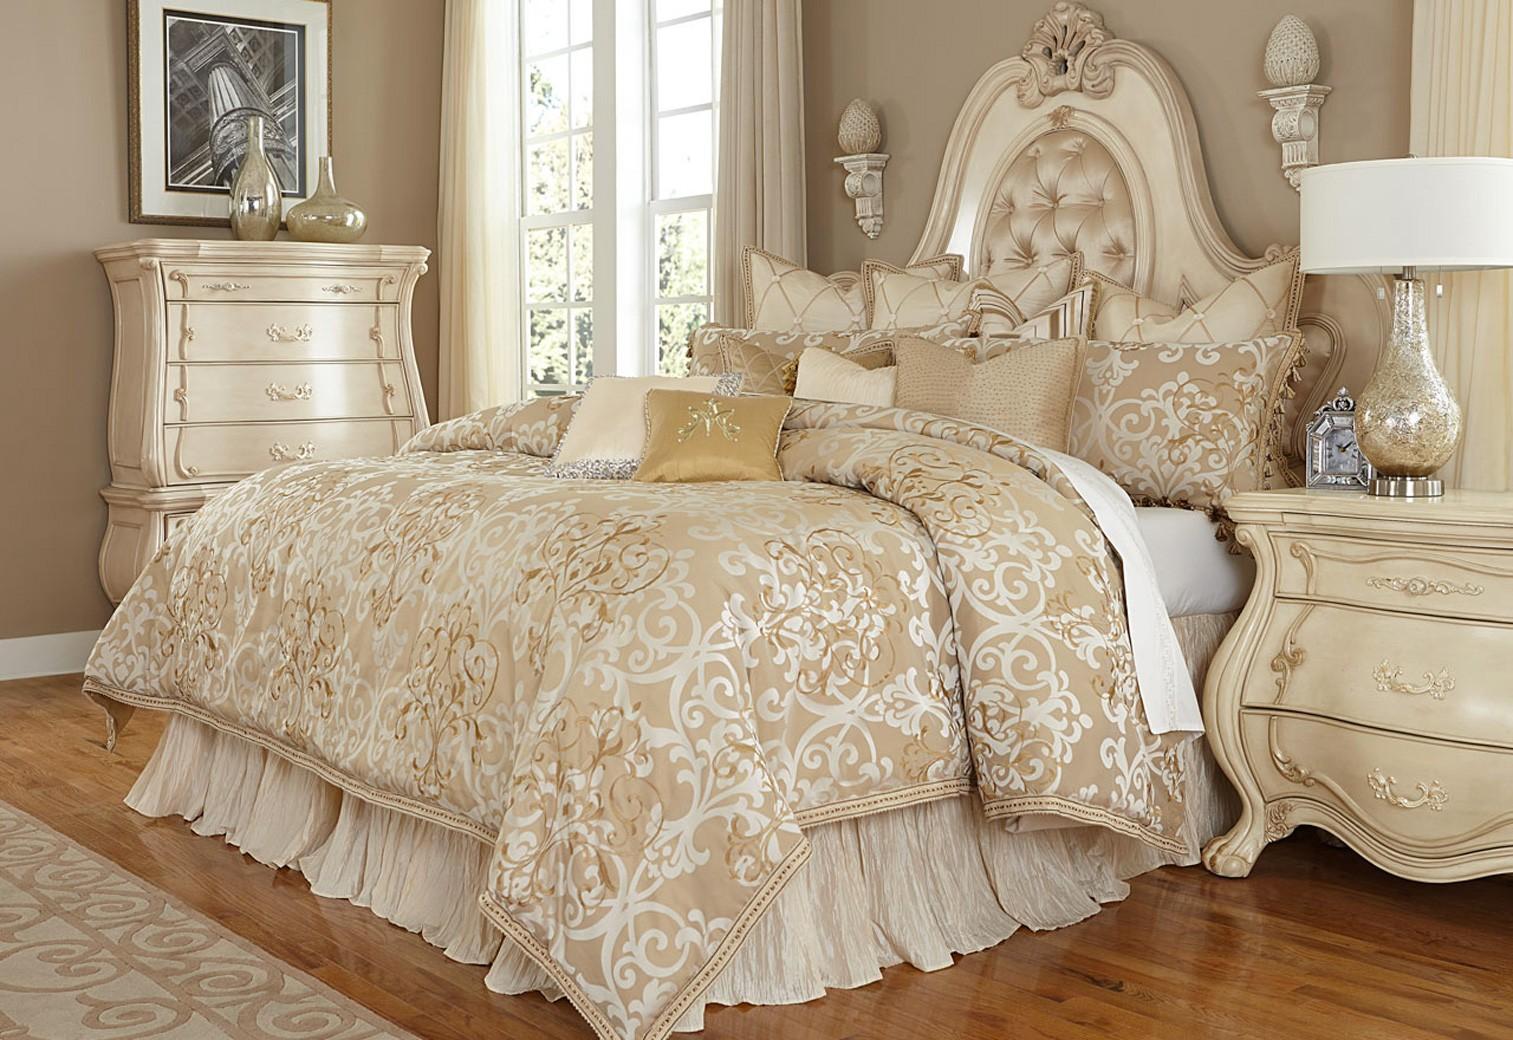 3b14ec3eb8f3 Michael Amini Luxembourg Comforter Bedding Set By Aico